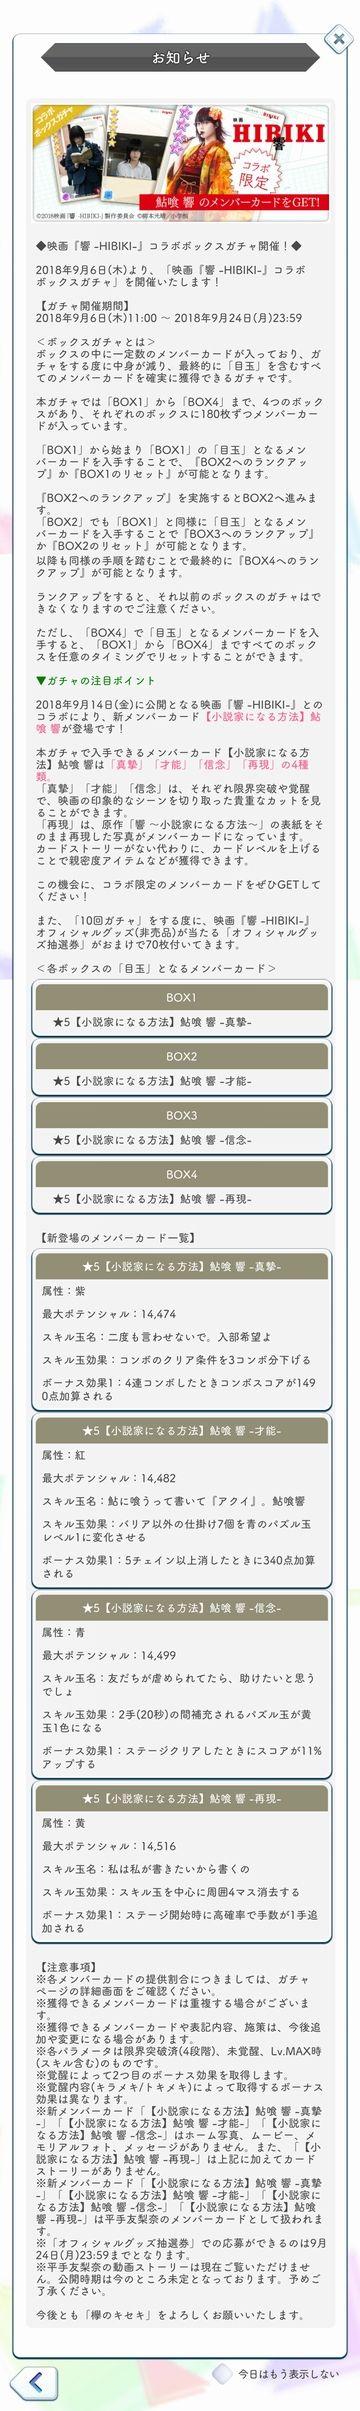 00 響コラボ ガチャ詳細